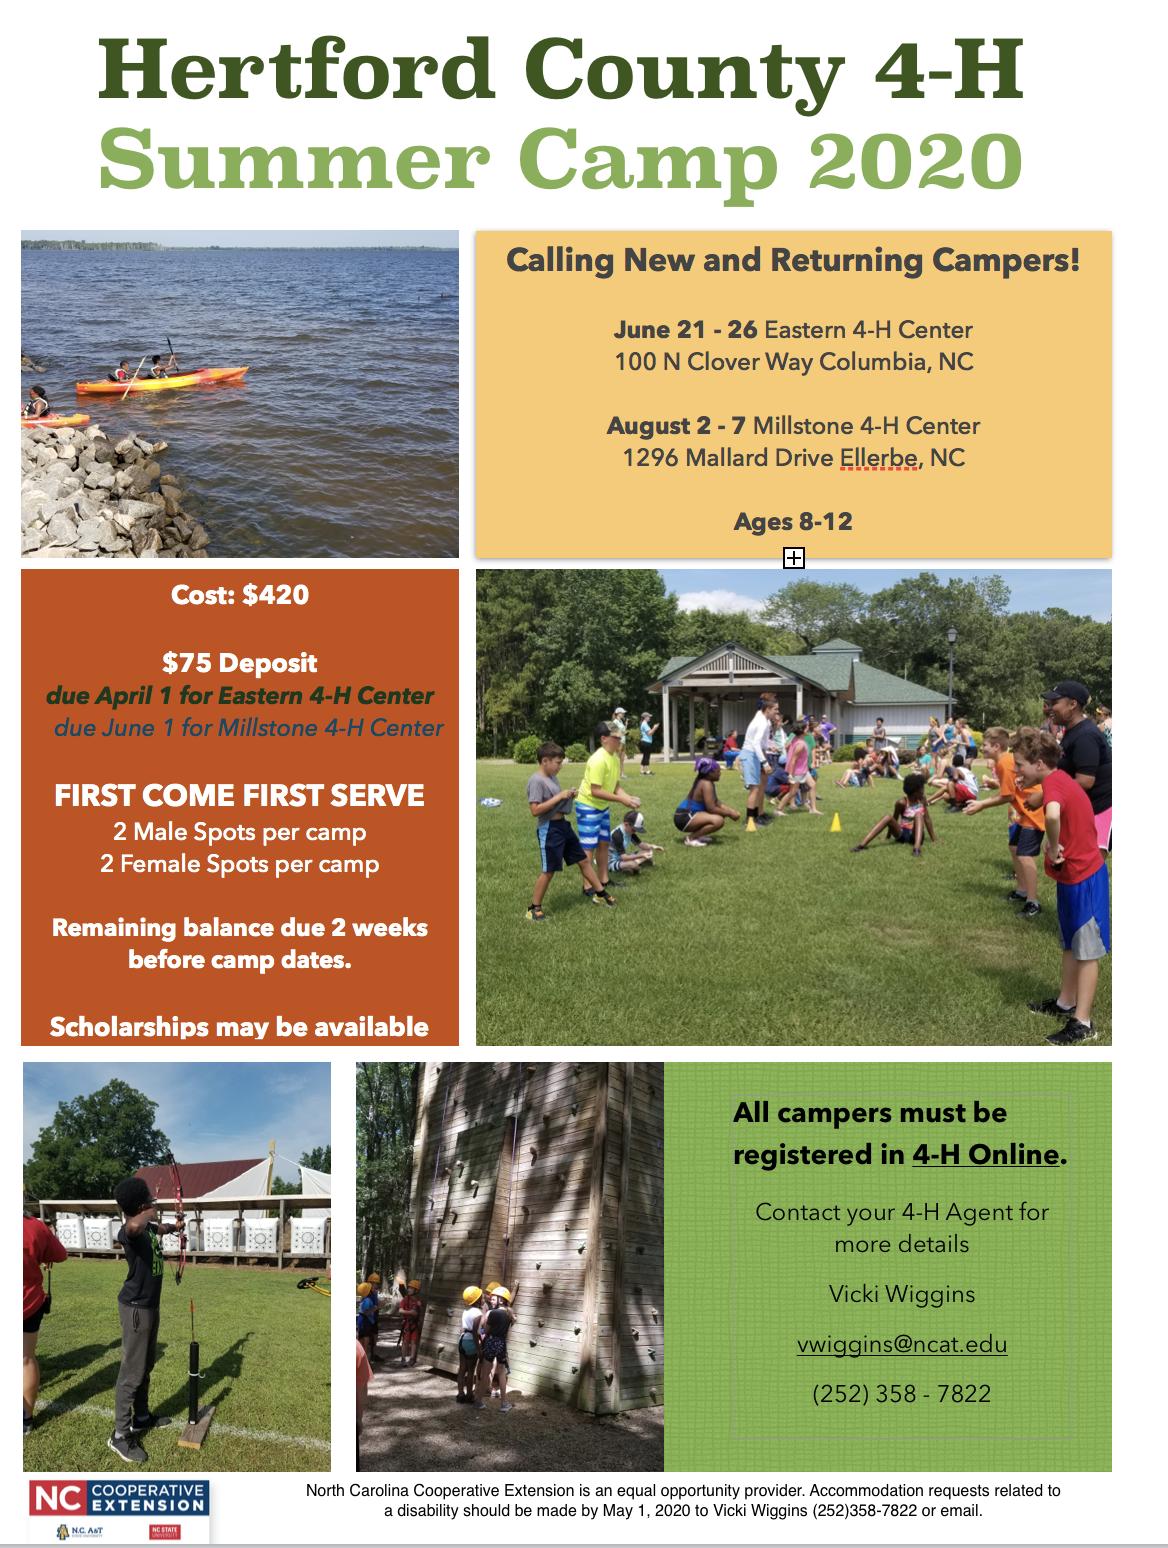 4-H Summer Camp flyer image